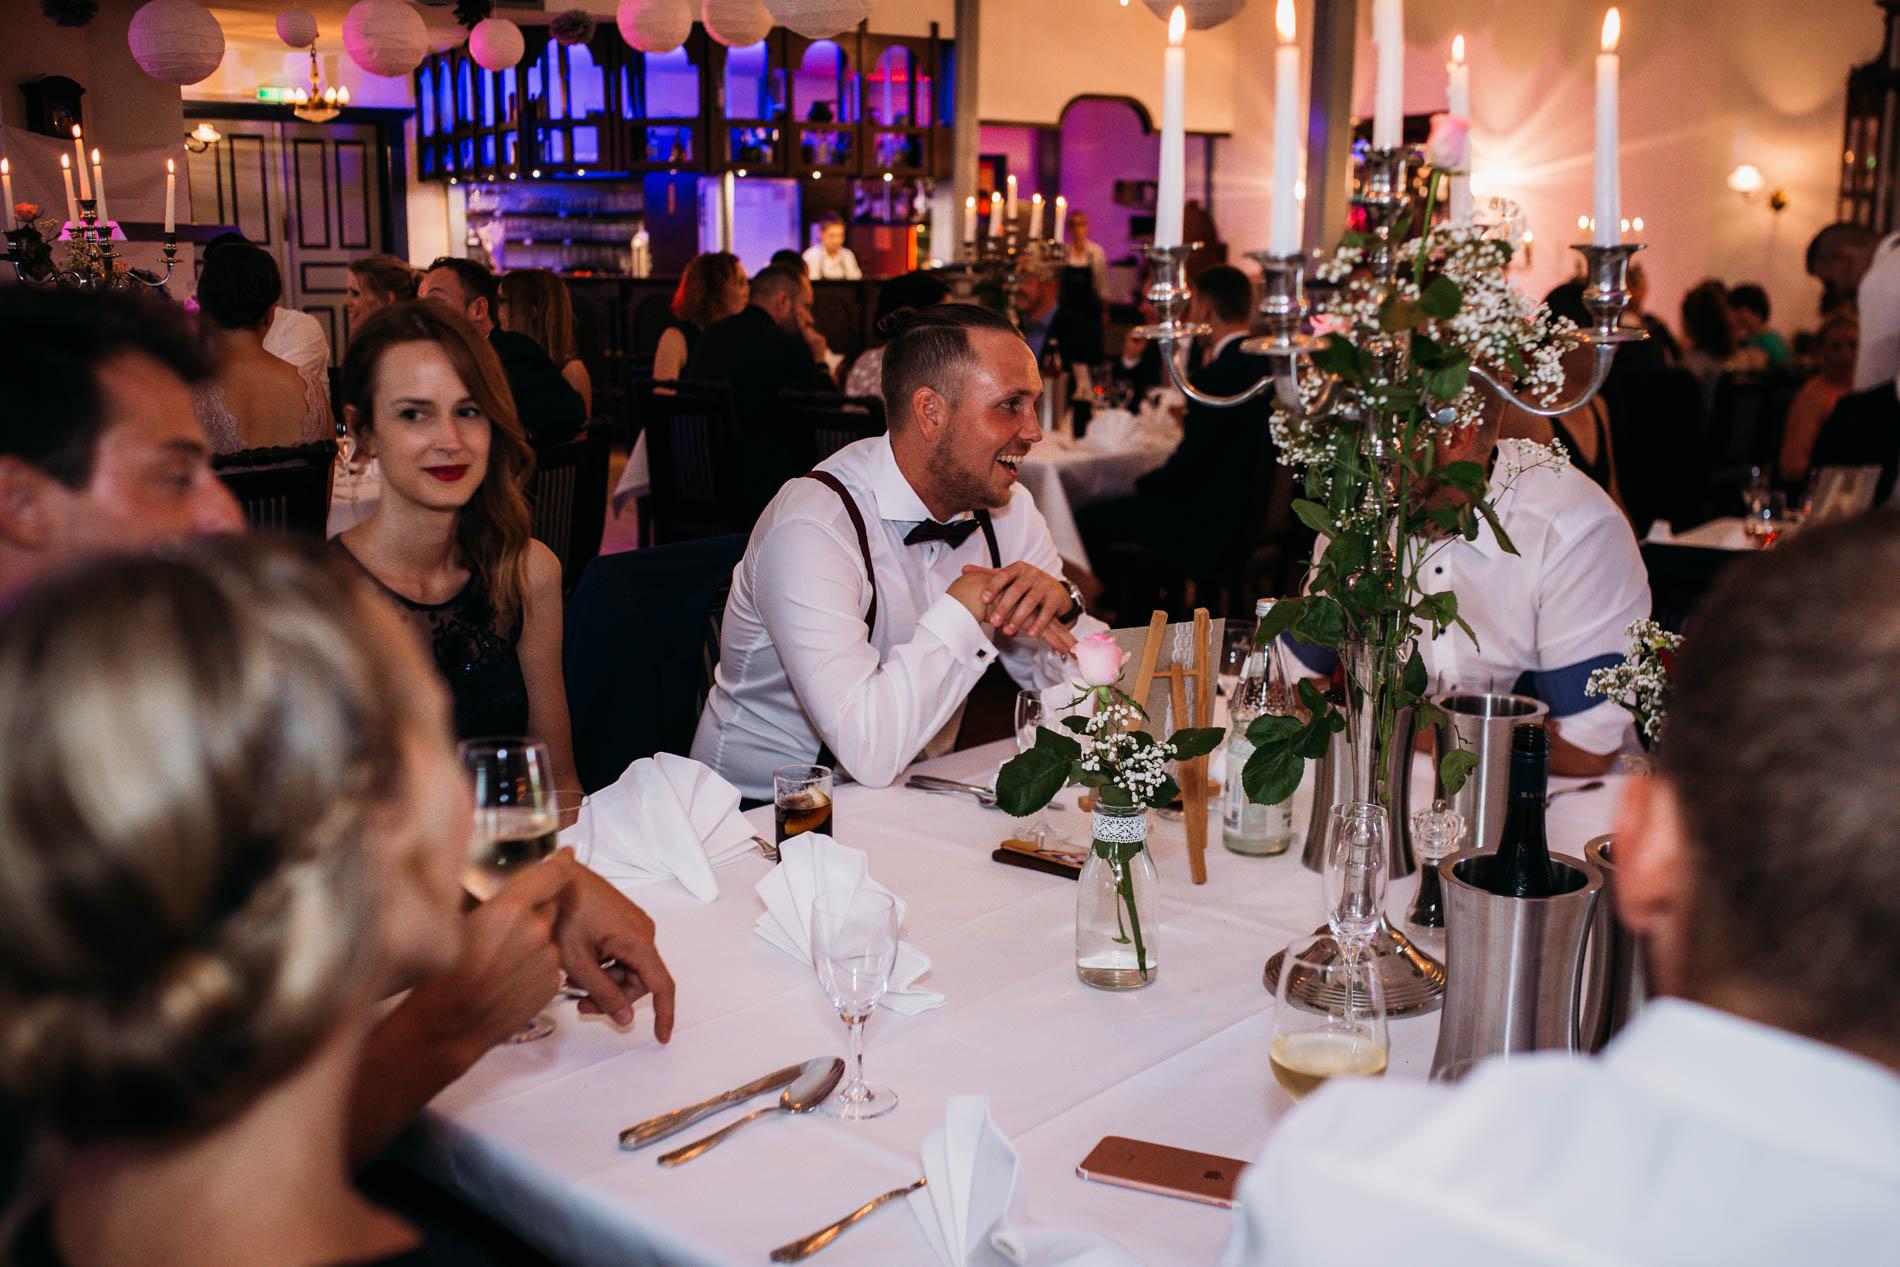 Hochzeitsfotograf für kreative und emotionale Hochzeitsportraits & Hochzeitsreportagen in Jork